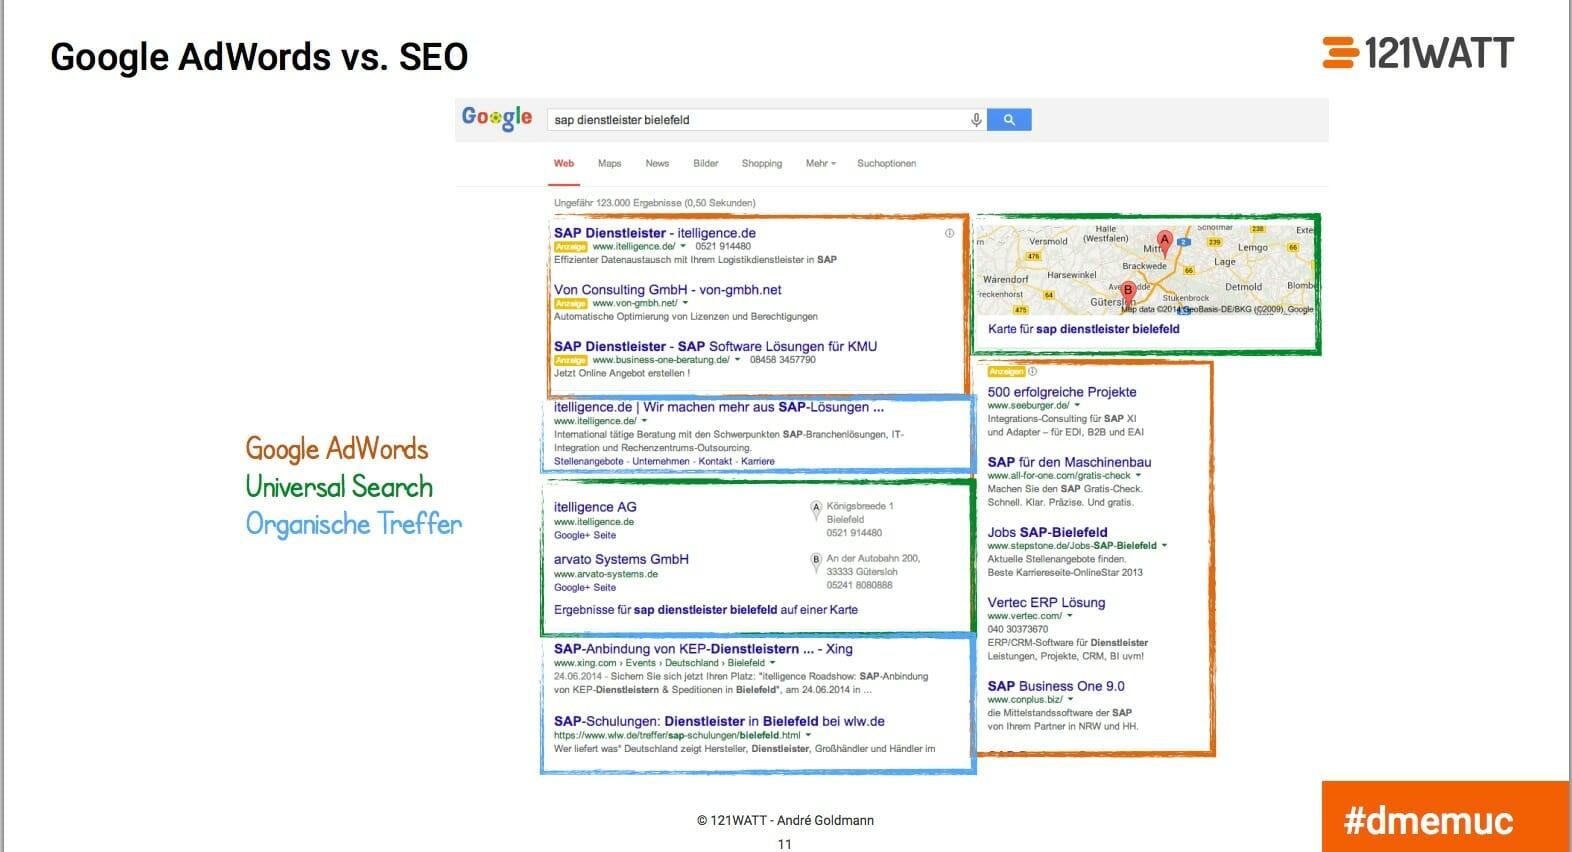 Google-nimmt-immer-mehr-sichtbaren-Platz-ein